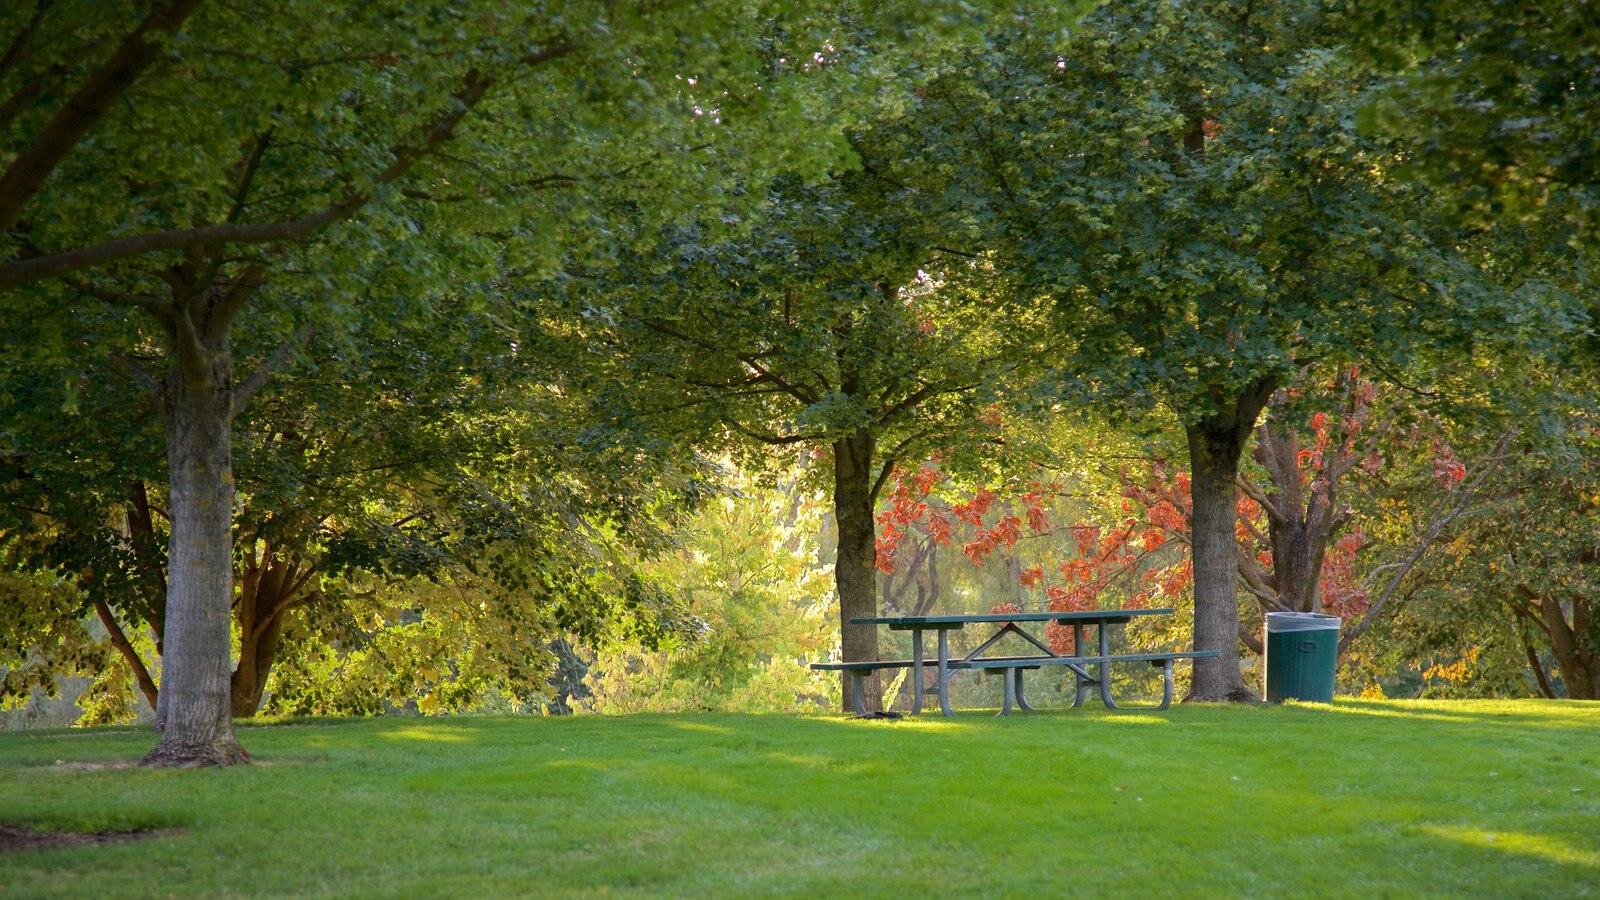 Medford ofreciendo un jardín